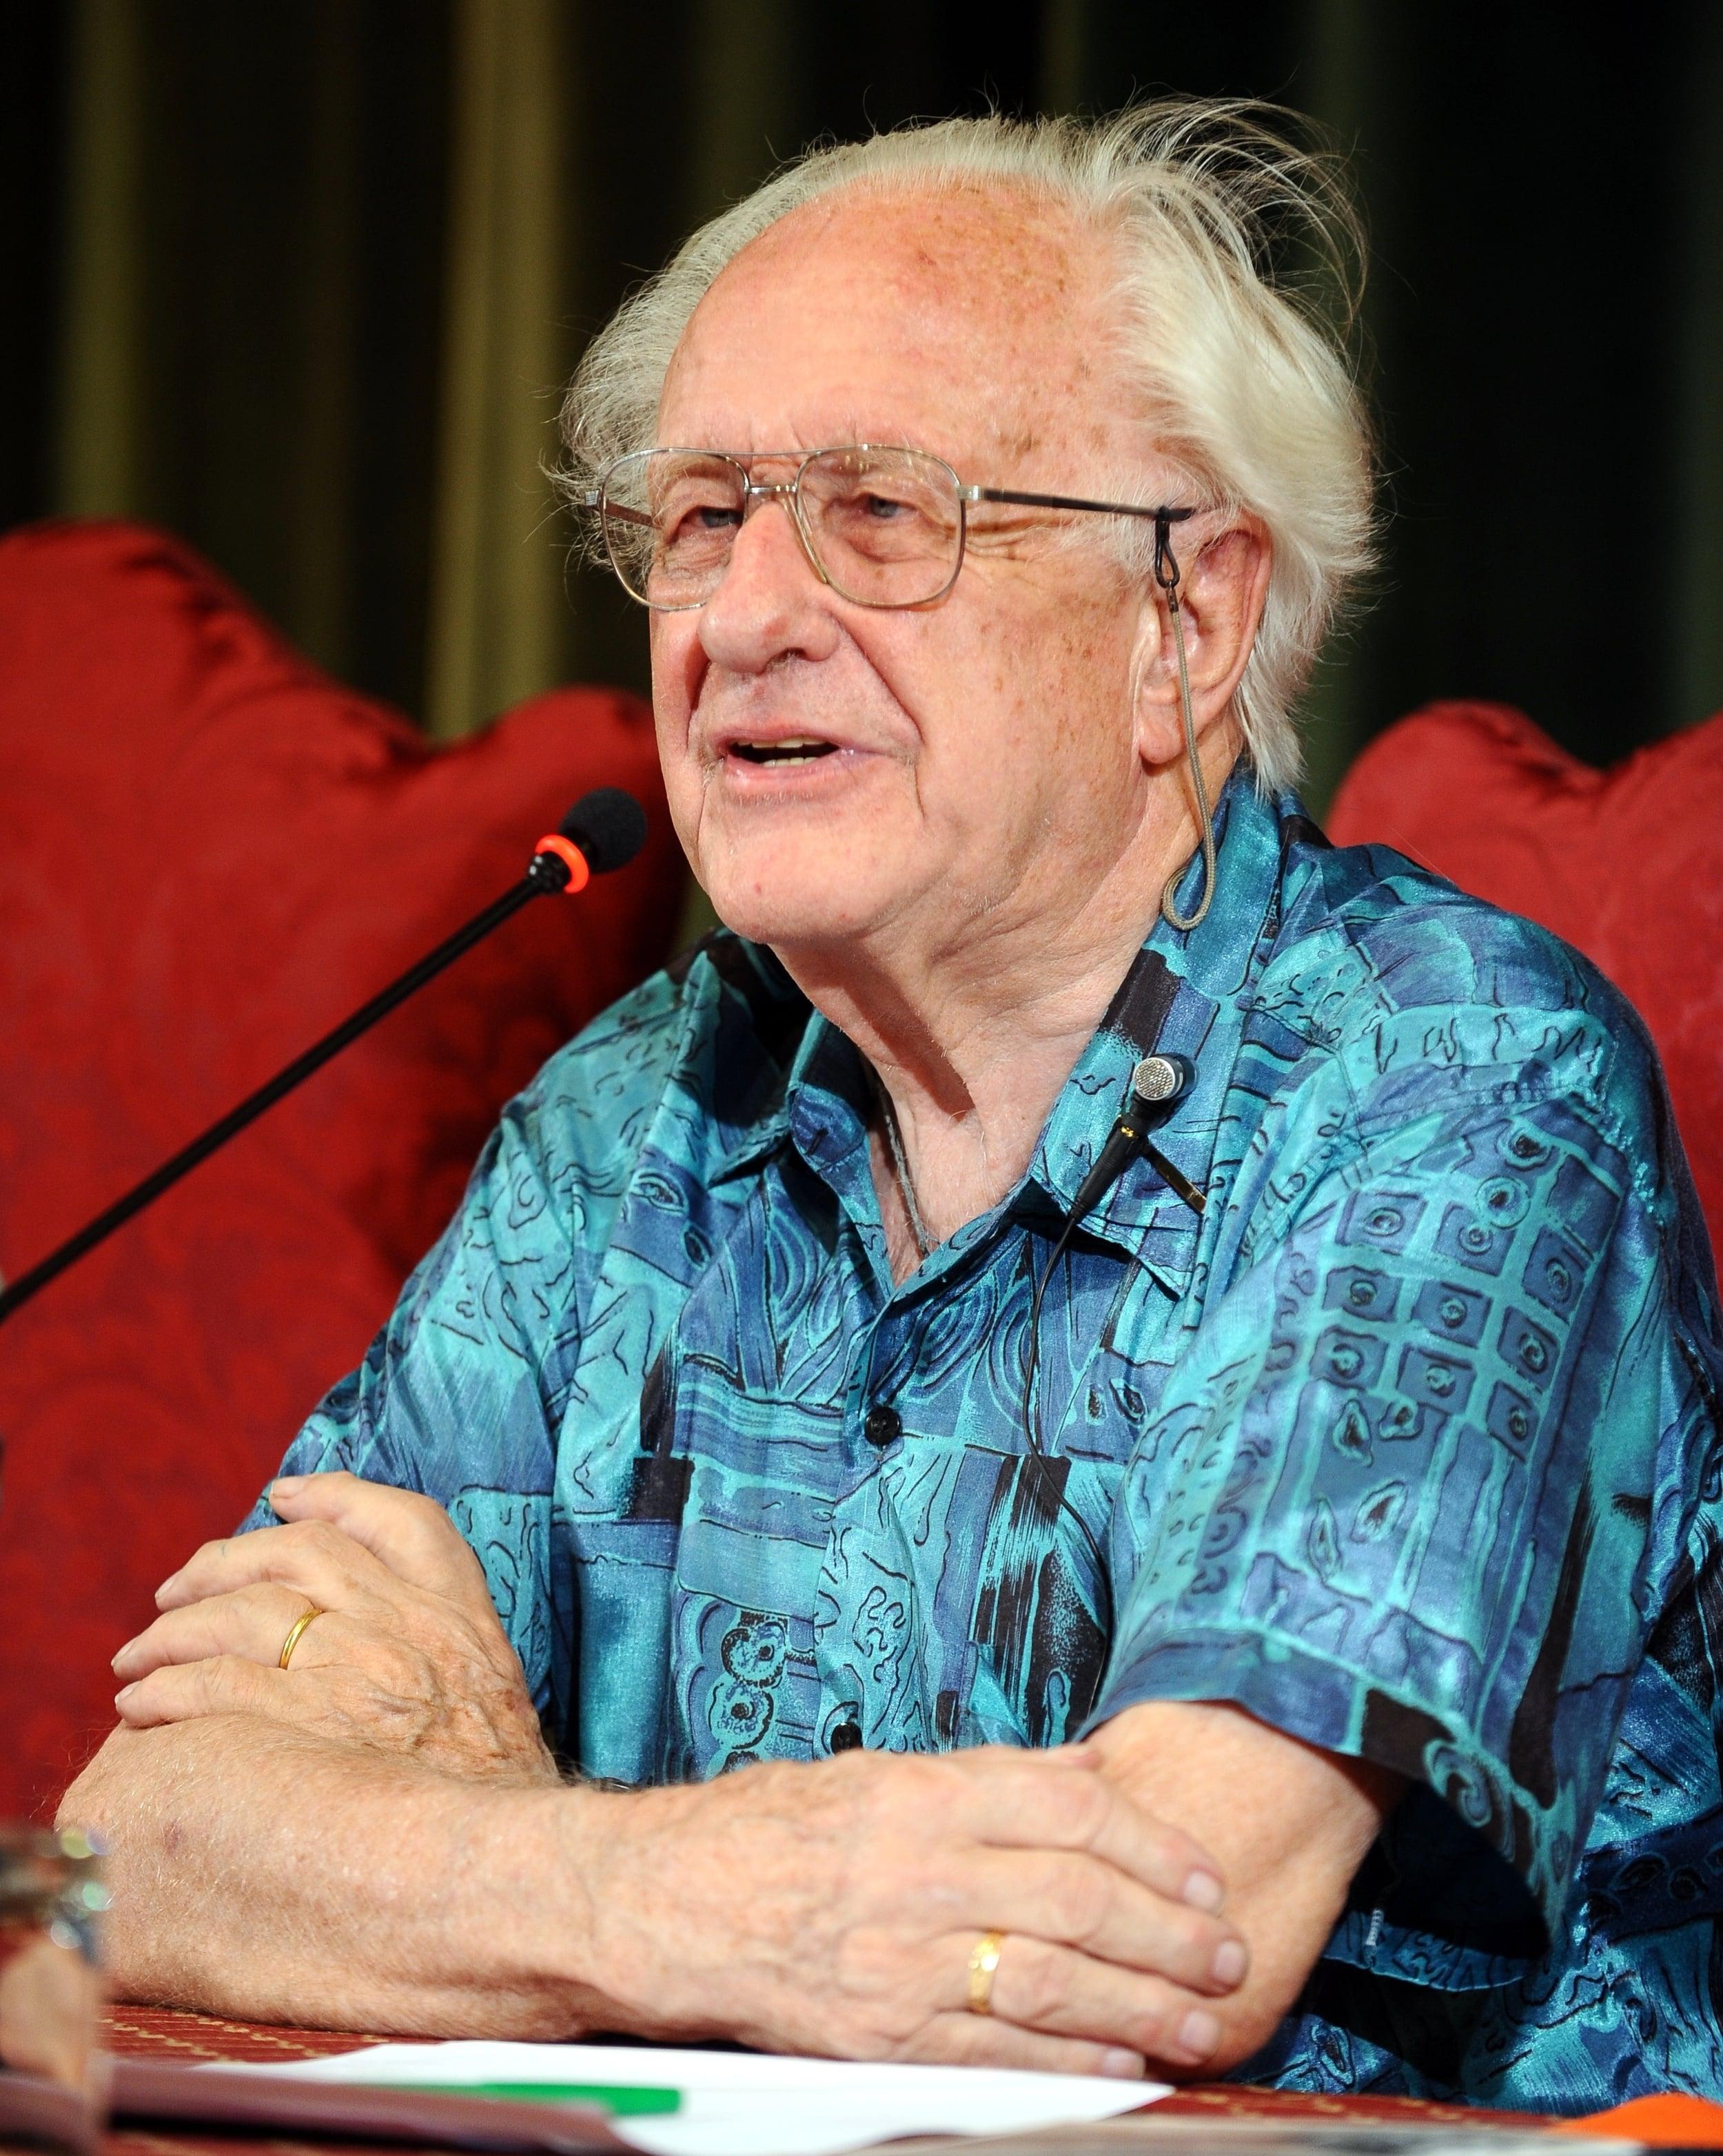 Johan Galtung. Photo credit:Niccolò Caranti